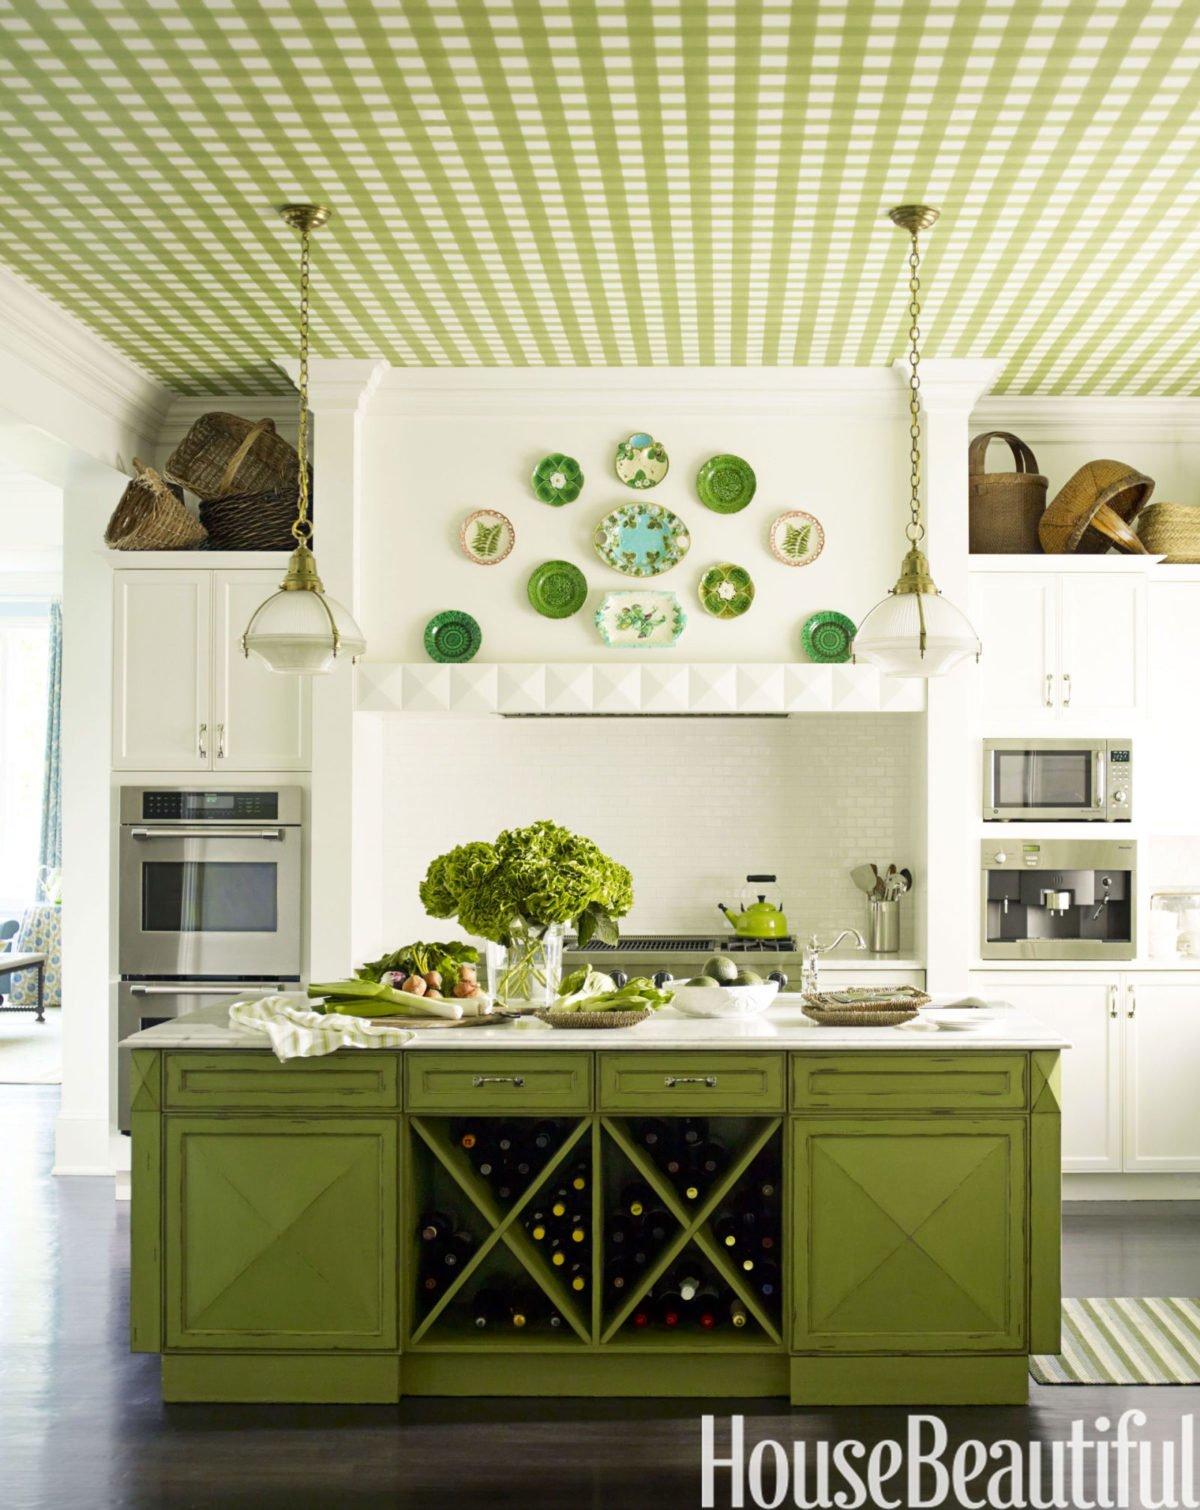 1912 gam mau hoan hao cho phong bep 9e819b5b33 12 gam màu hoàn hảo cho phòng bếp qpdesign